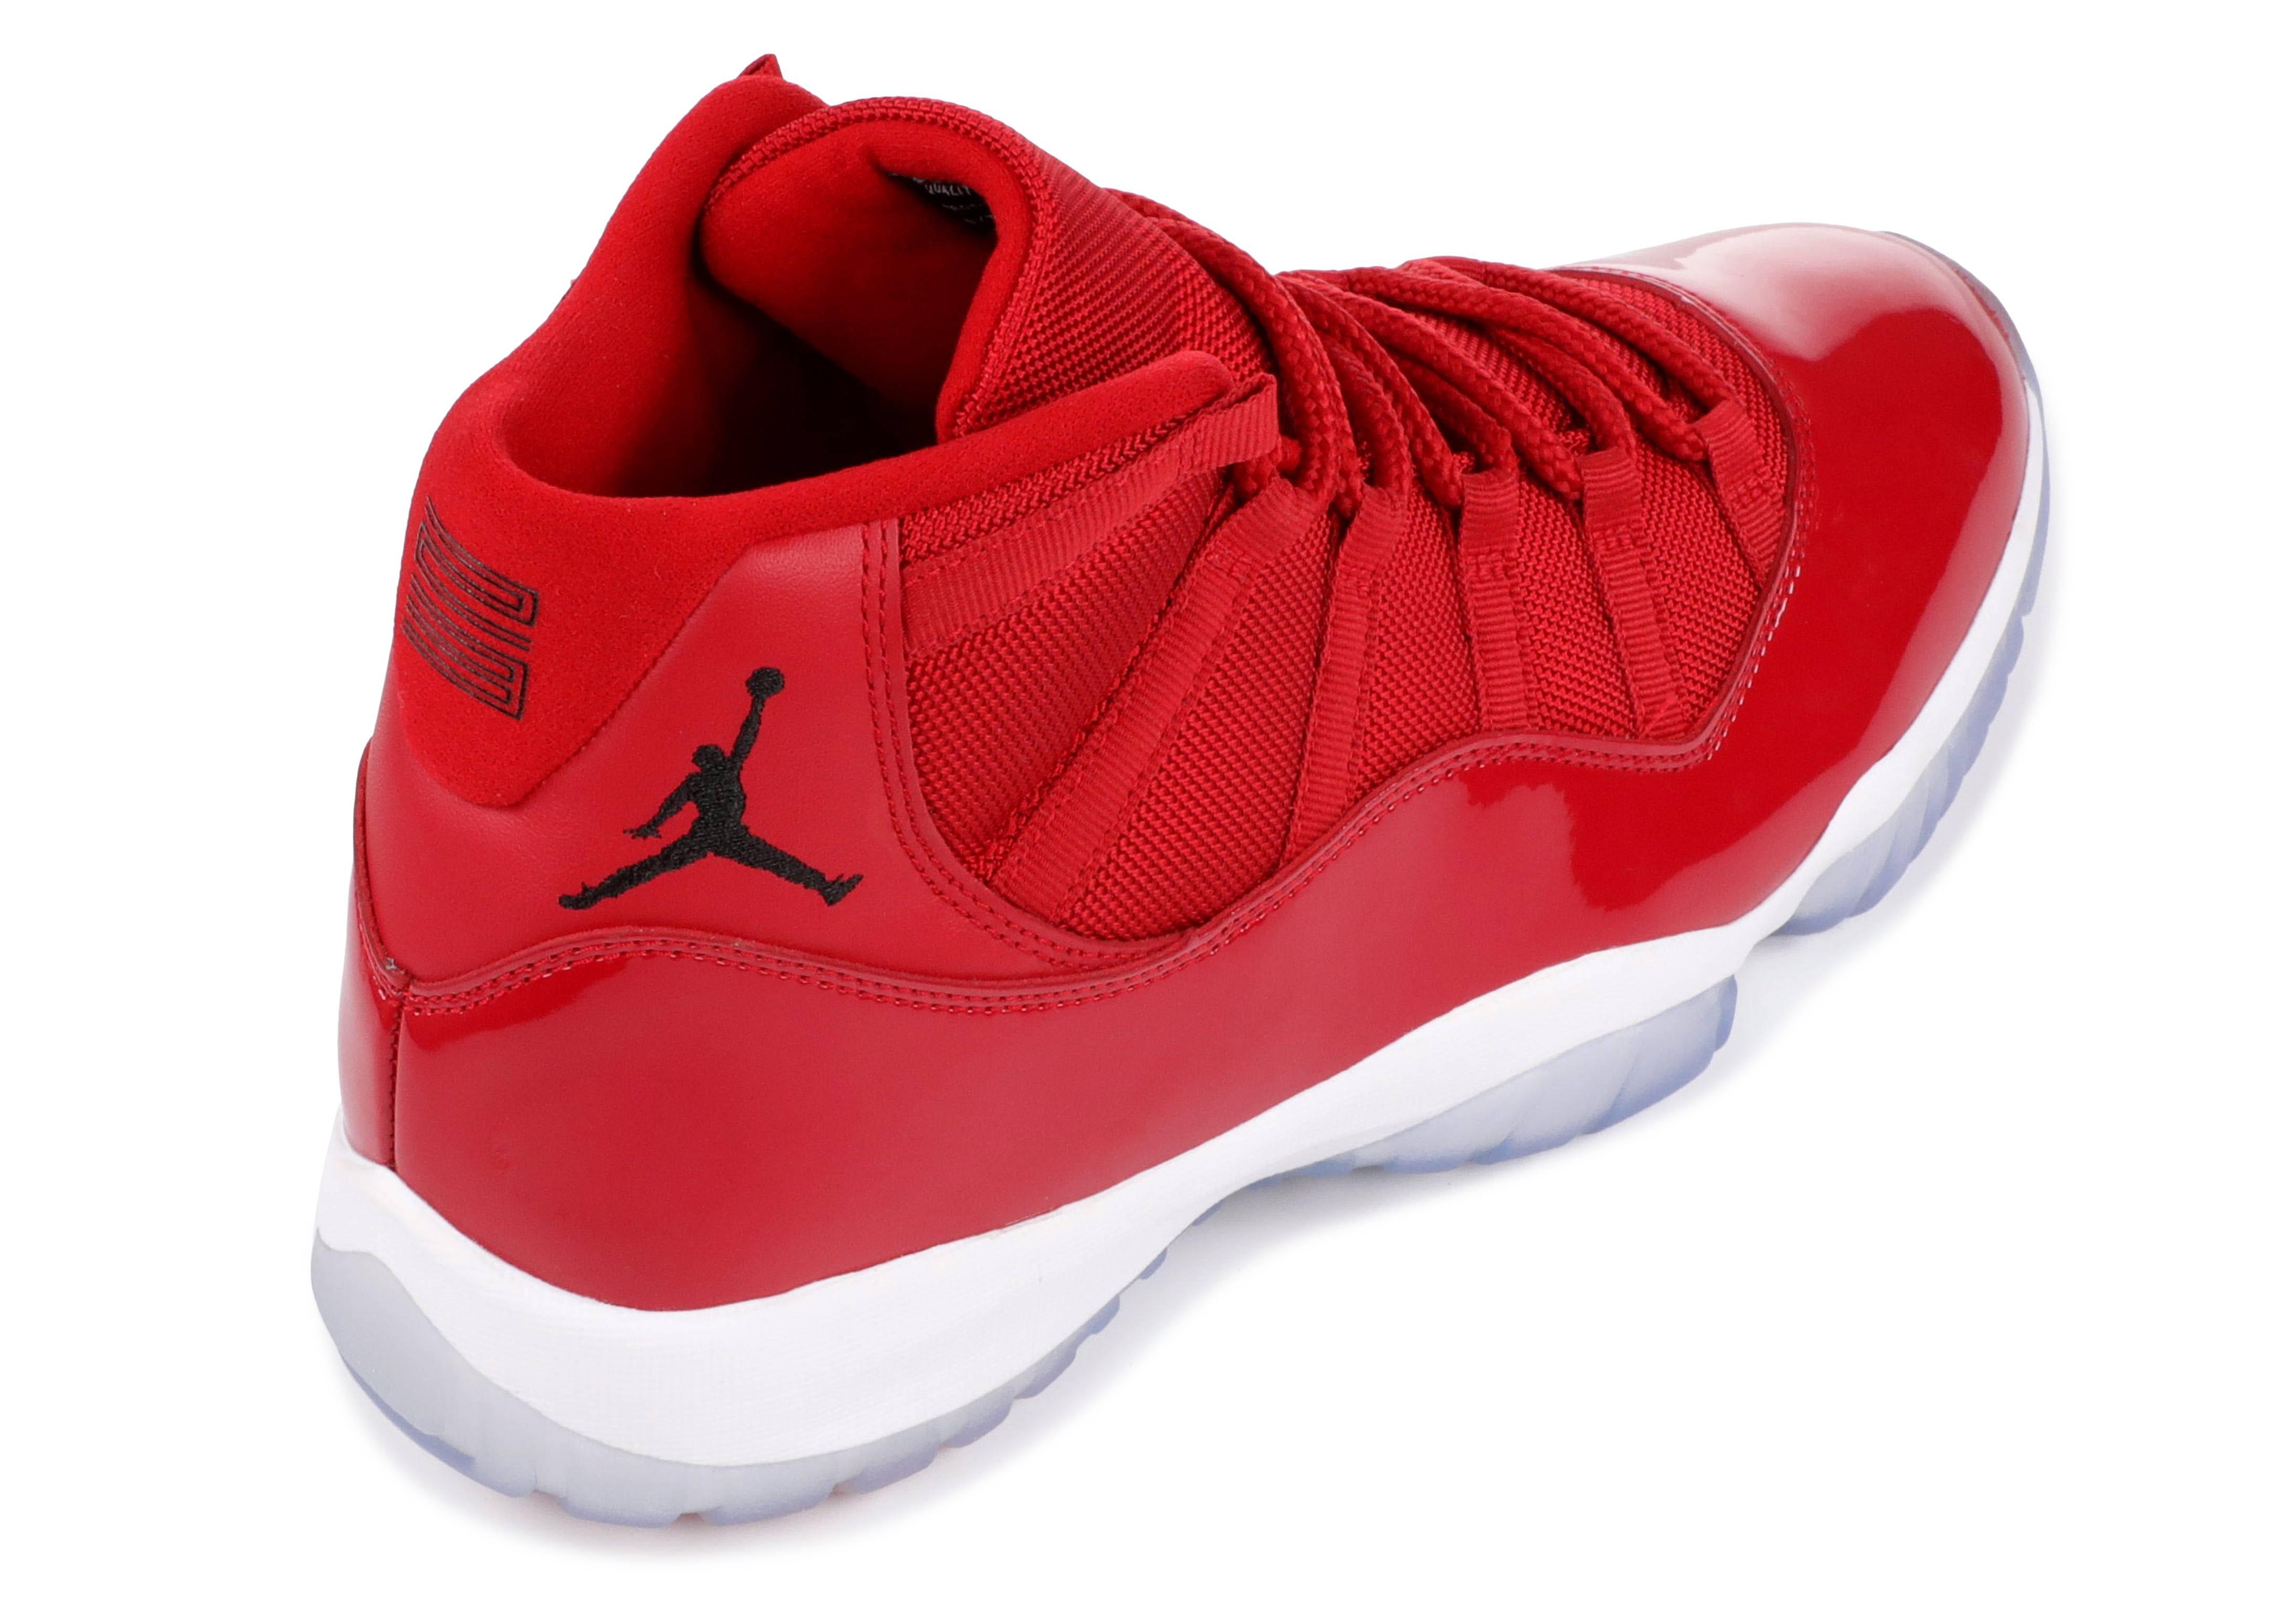 c6a3122bf3e8 Air Jordan 11 Retro